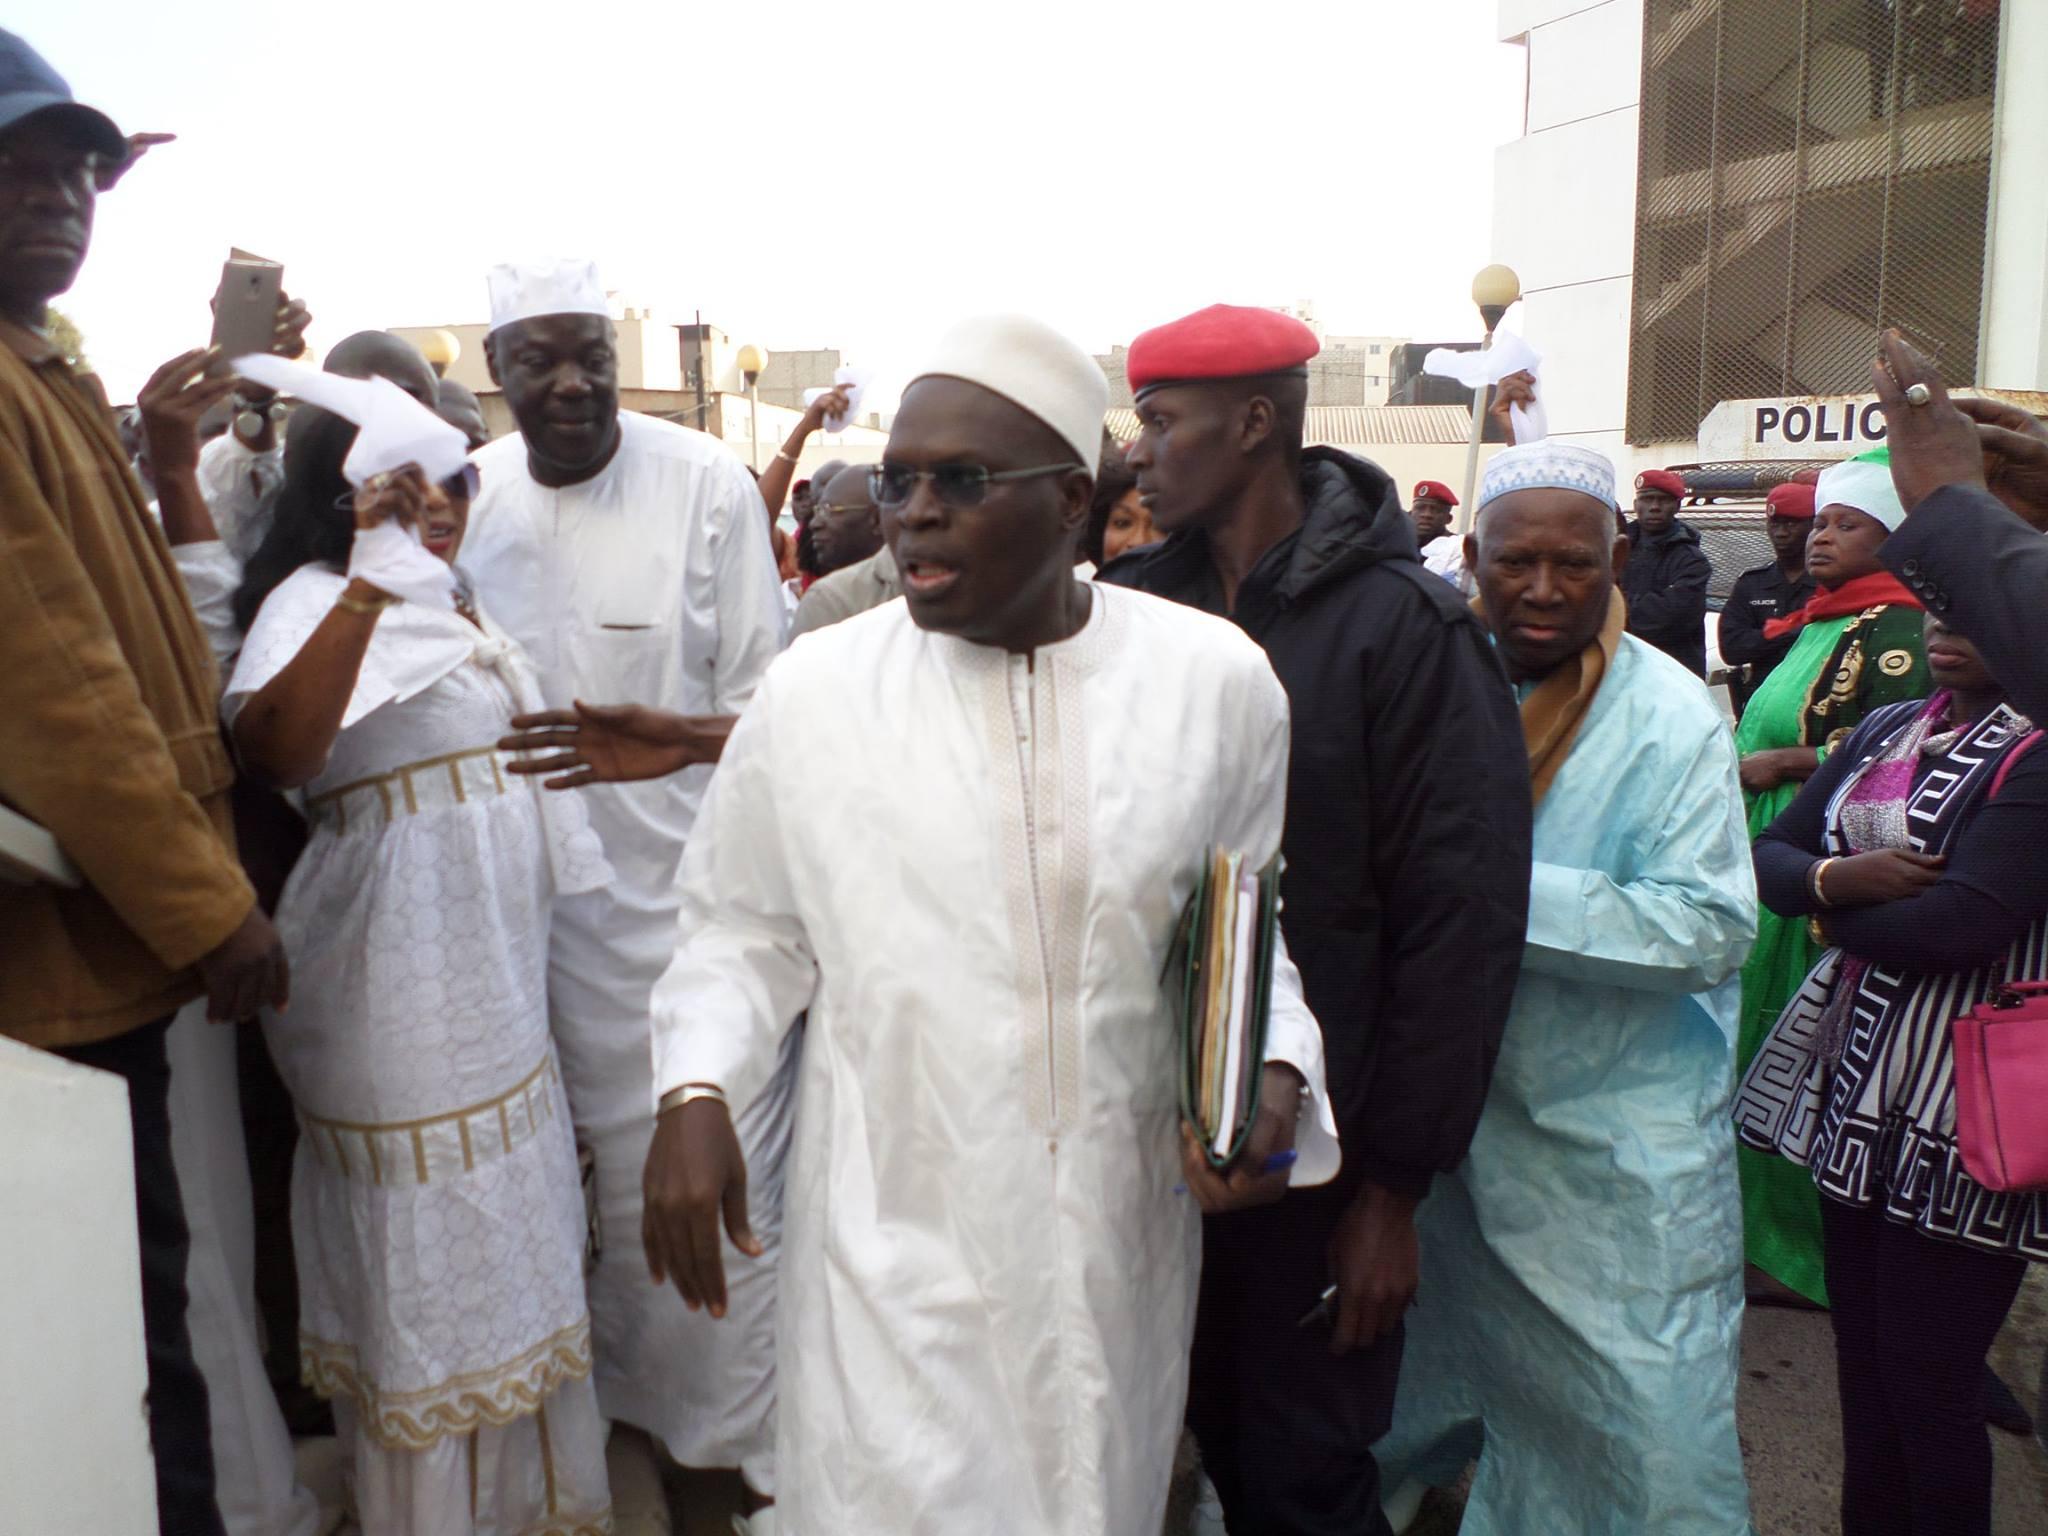 Ambiance autour du tribunal, le maire de Dakar, superstar